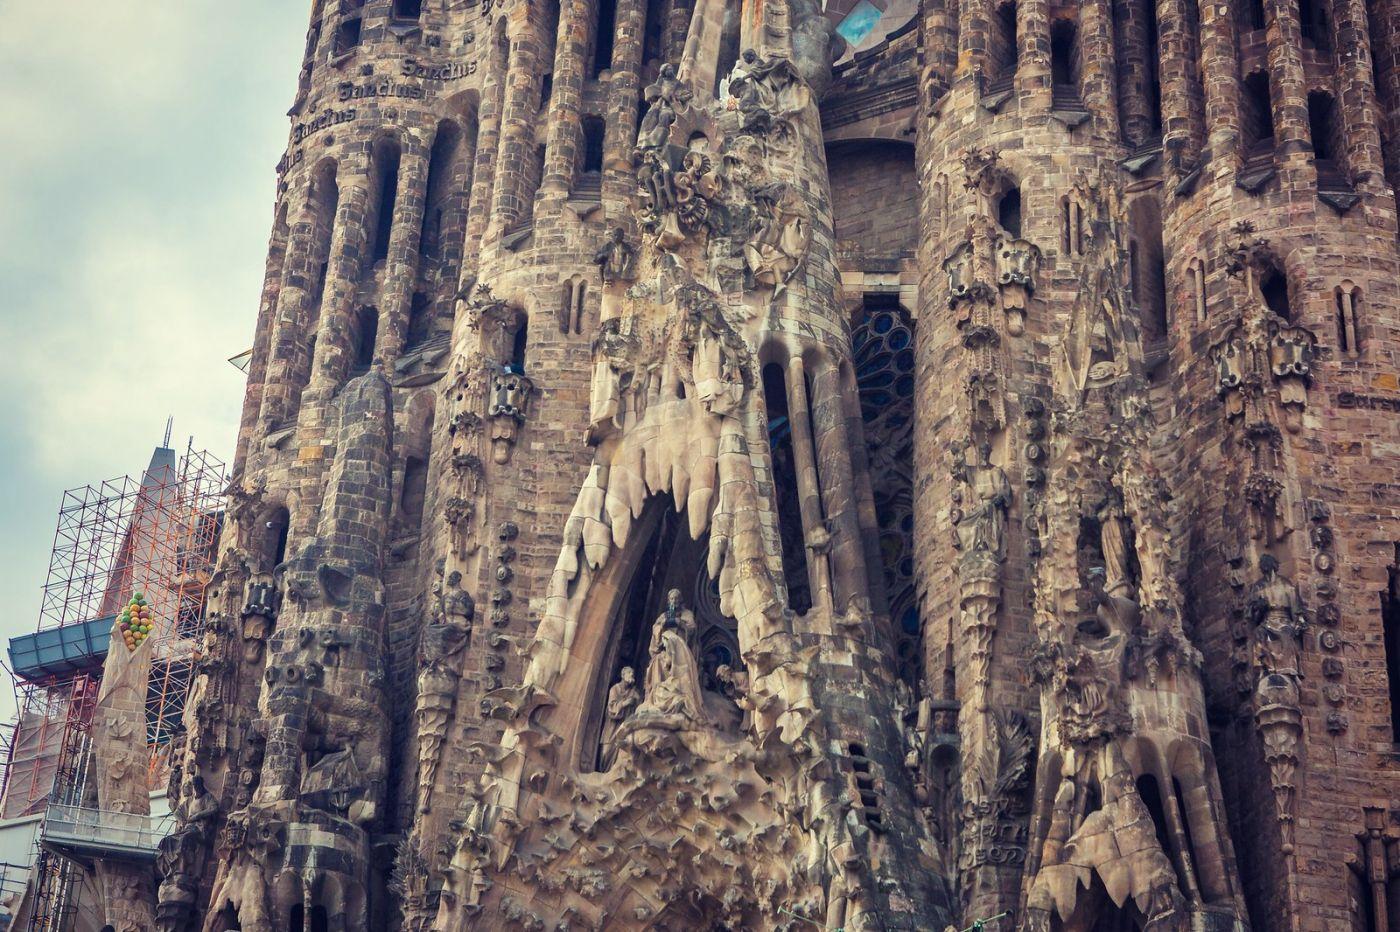 西班牙圣家堂(Sagrada Família),百年还未完工的世界遗产_图1-10